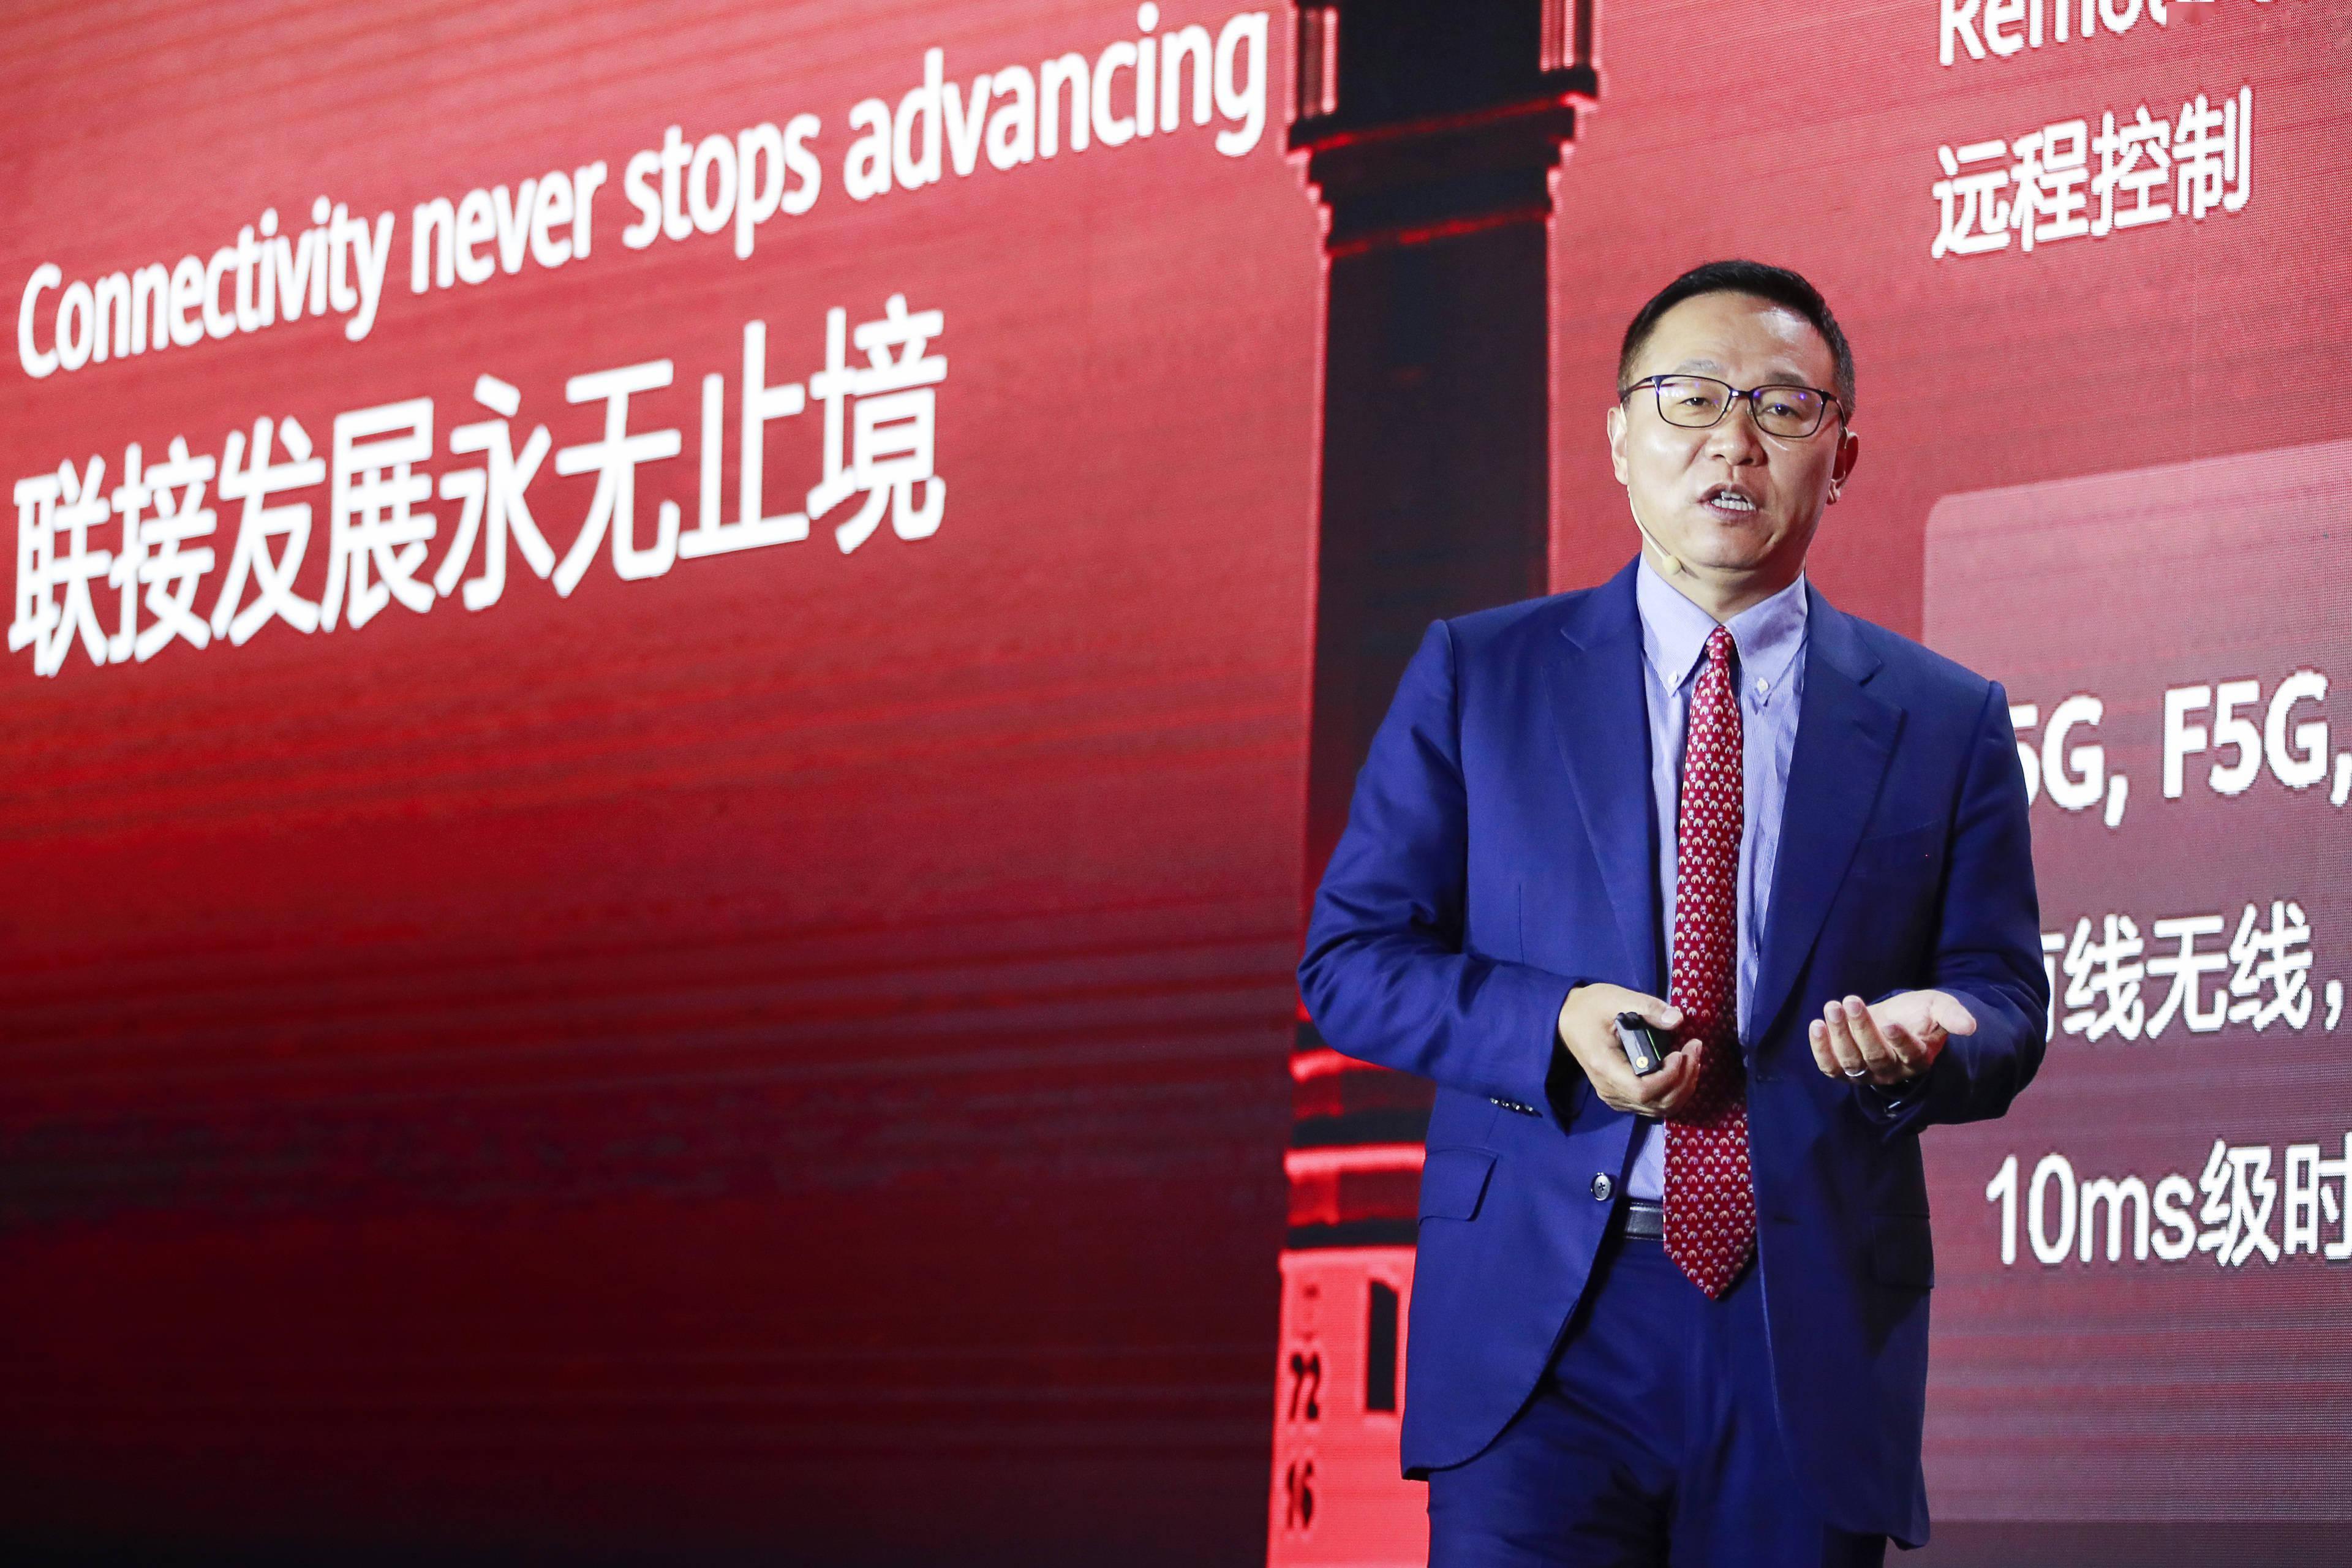 华为常务董事汪涛:将继续加强基础研究,持续投入下一代网络技术